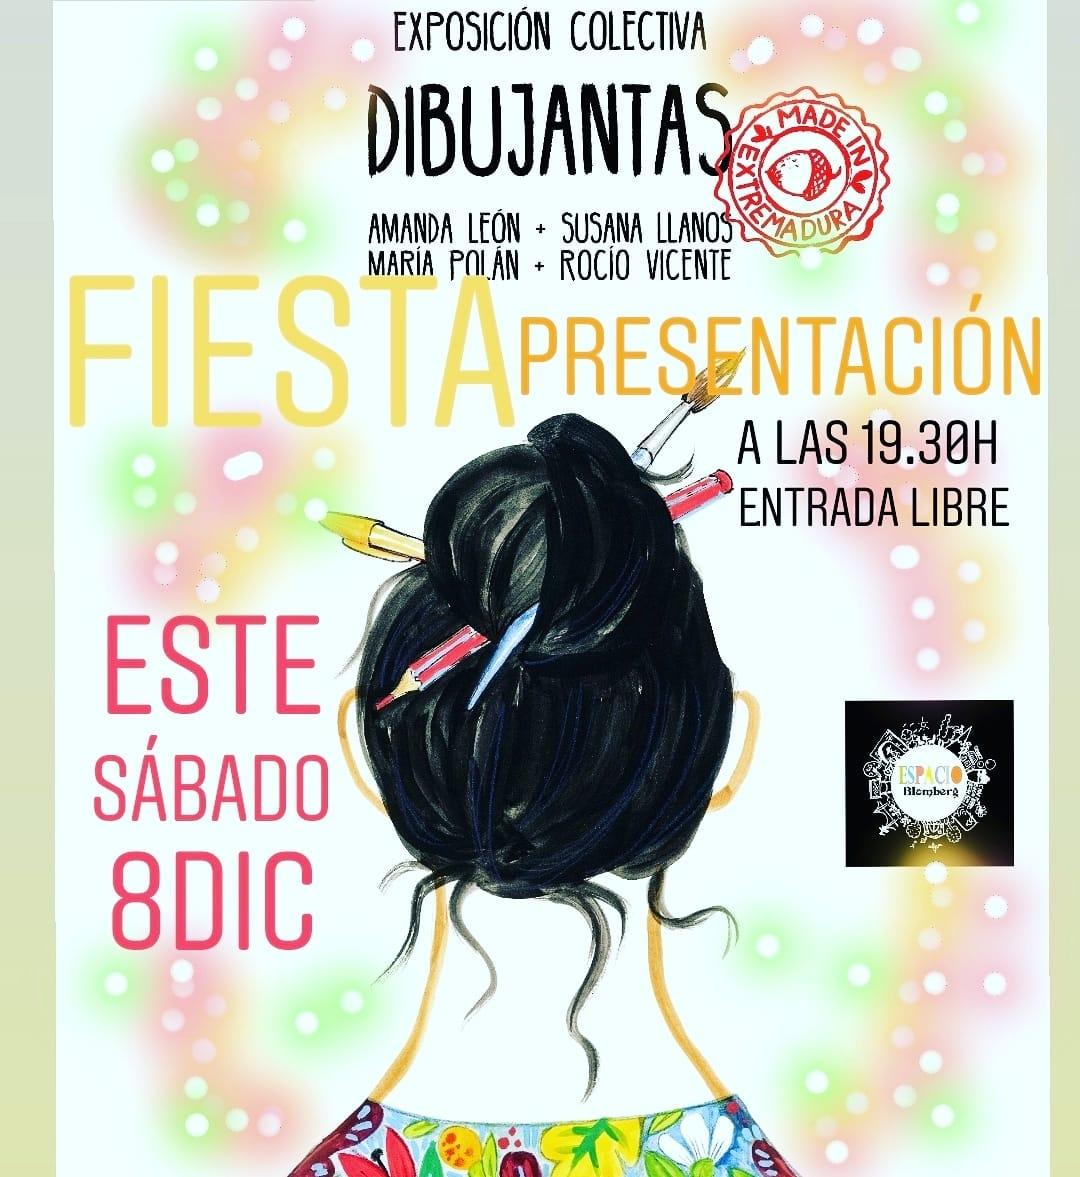 Exposición colectiva Dibujantas